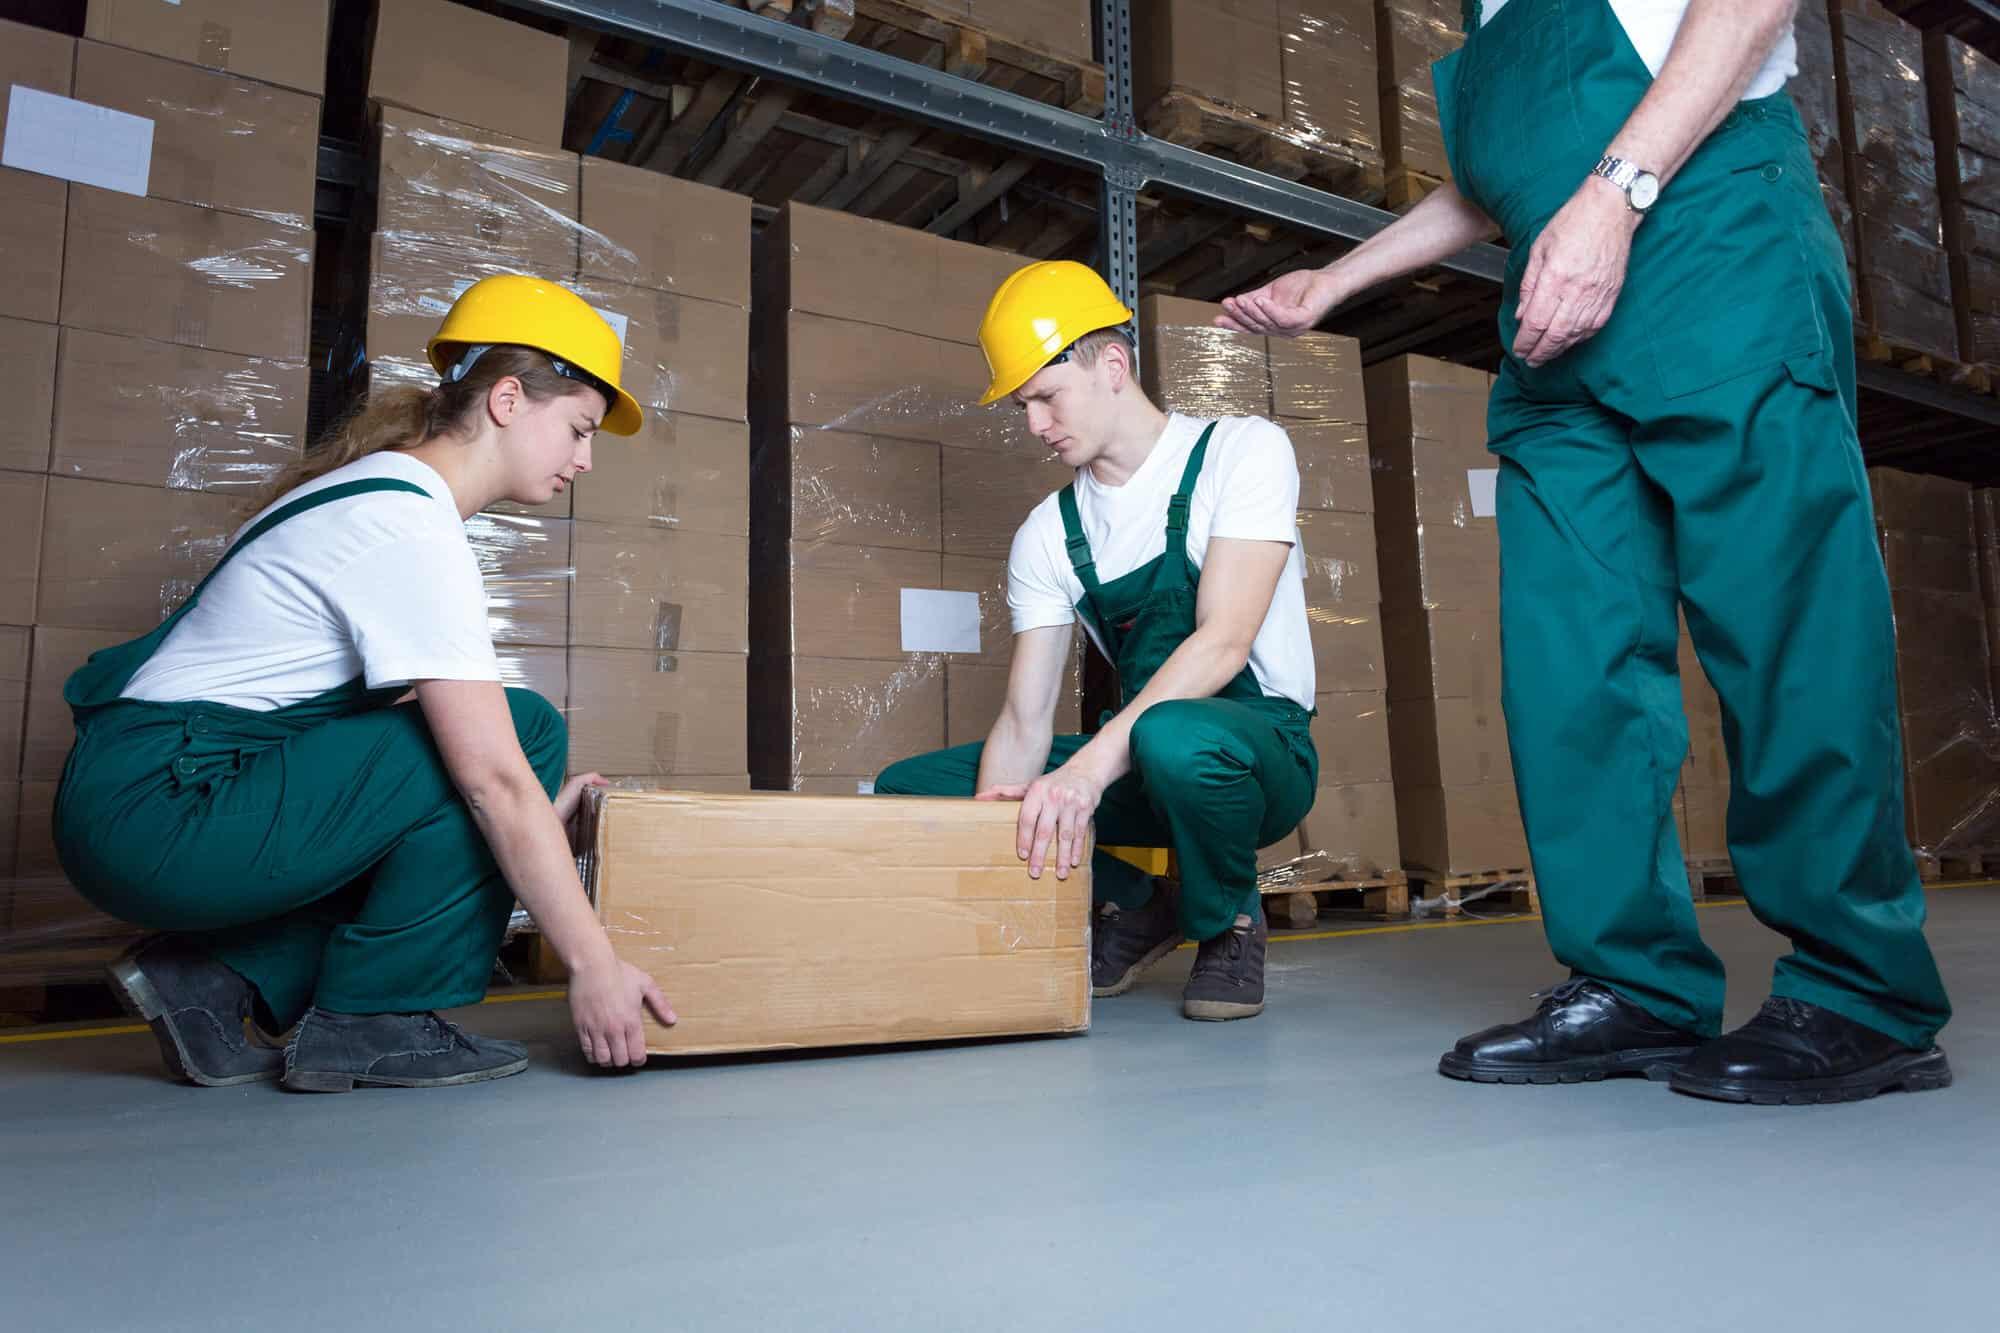 Wie sich Personaldienstleister auf die Region konzentrieren und die Jobchancen für Arbeitslose verbessern